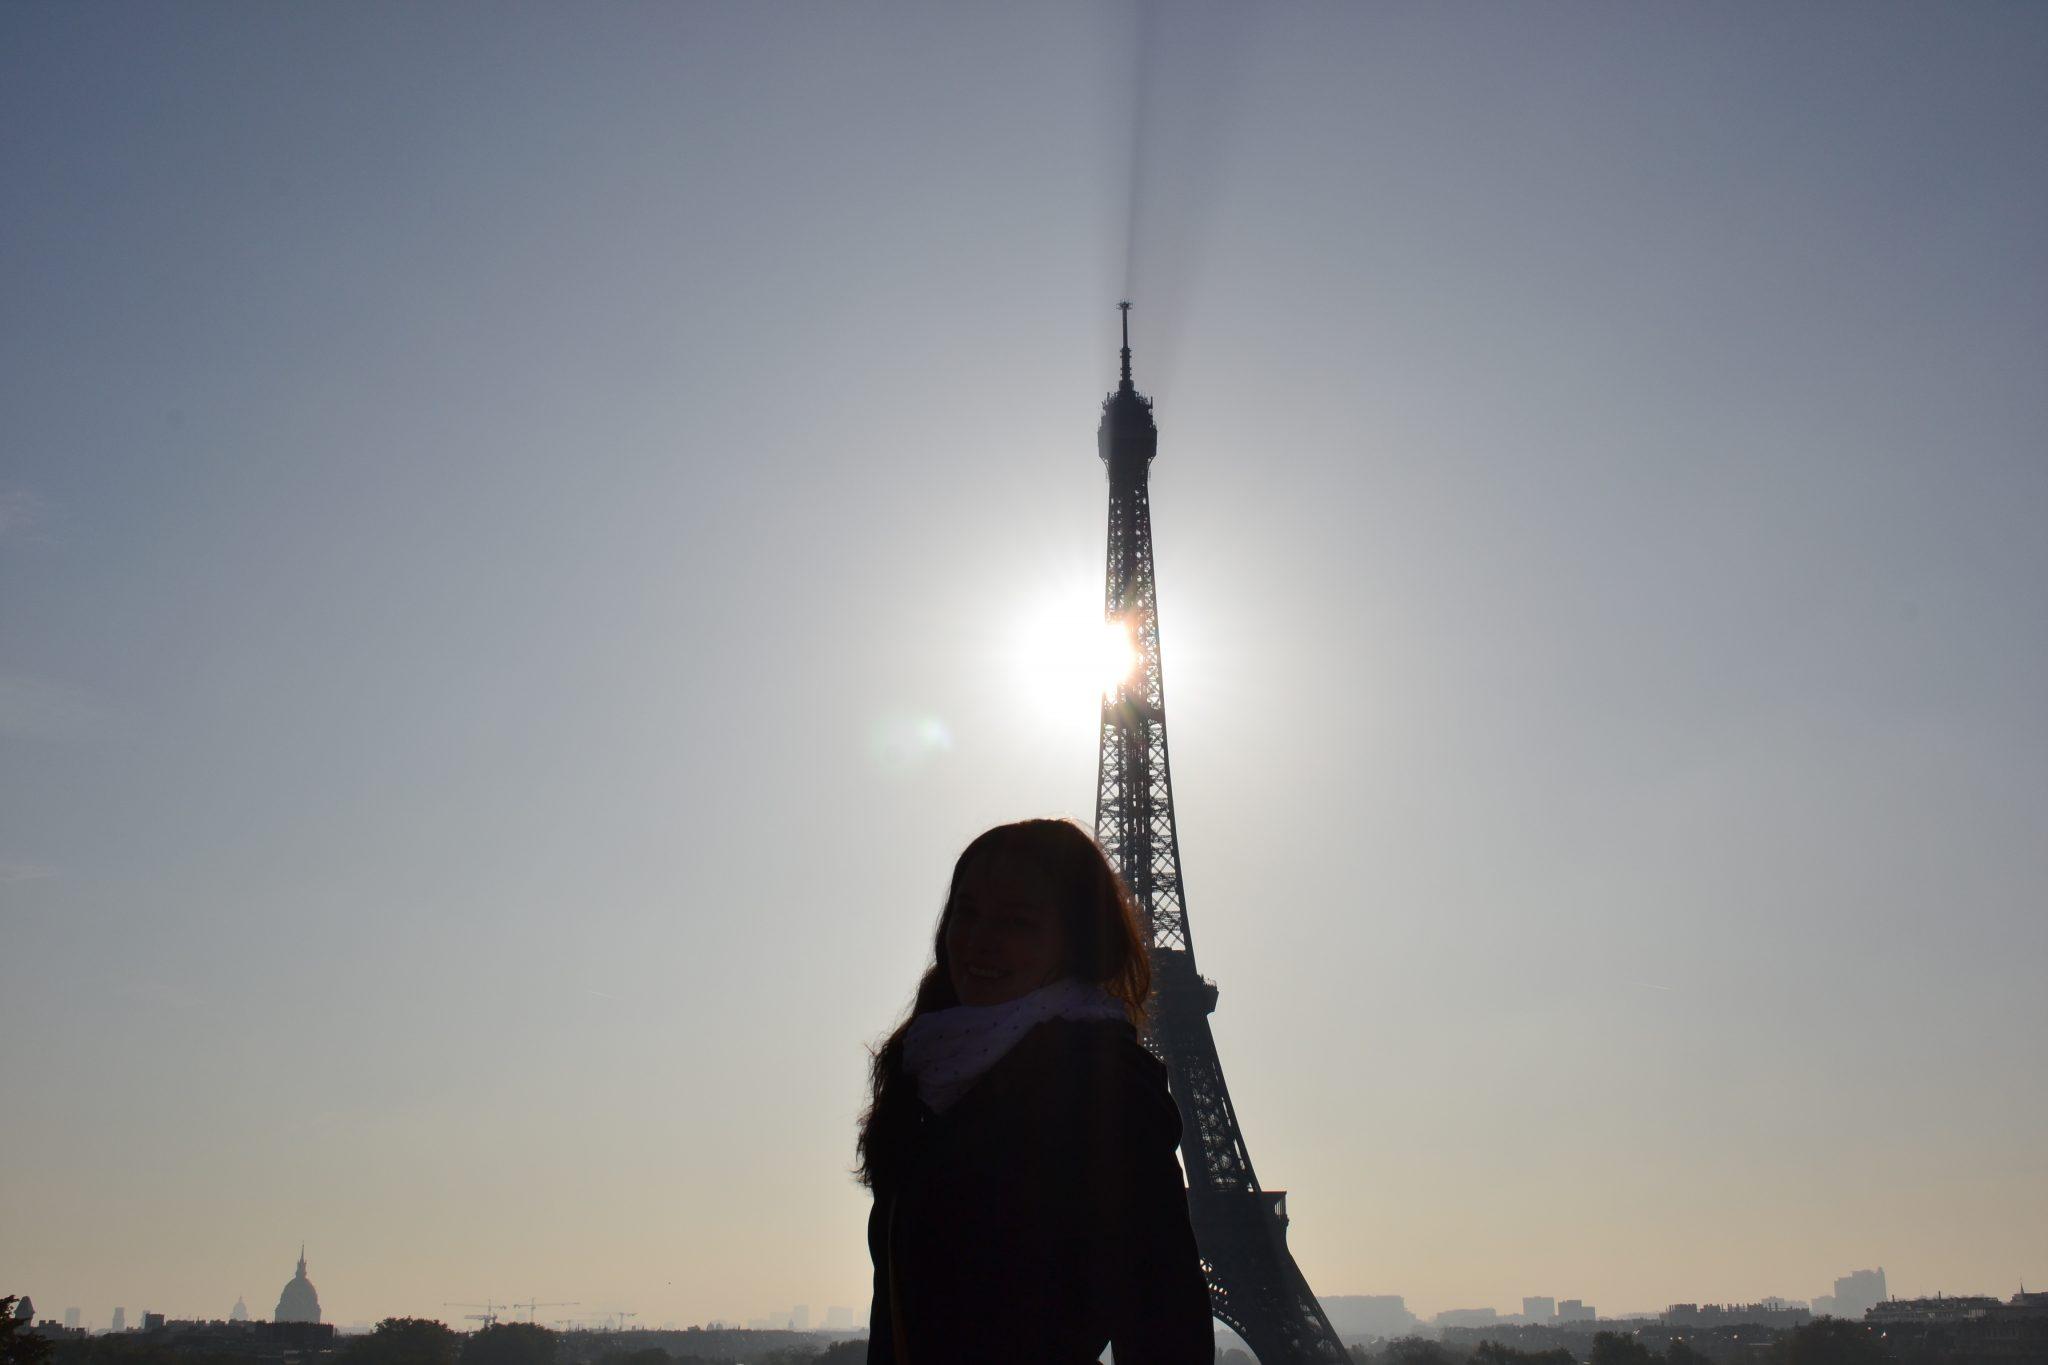 Semester abroad #8: Meine Zeit als Aupair - DSC 0300